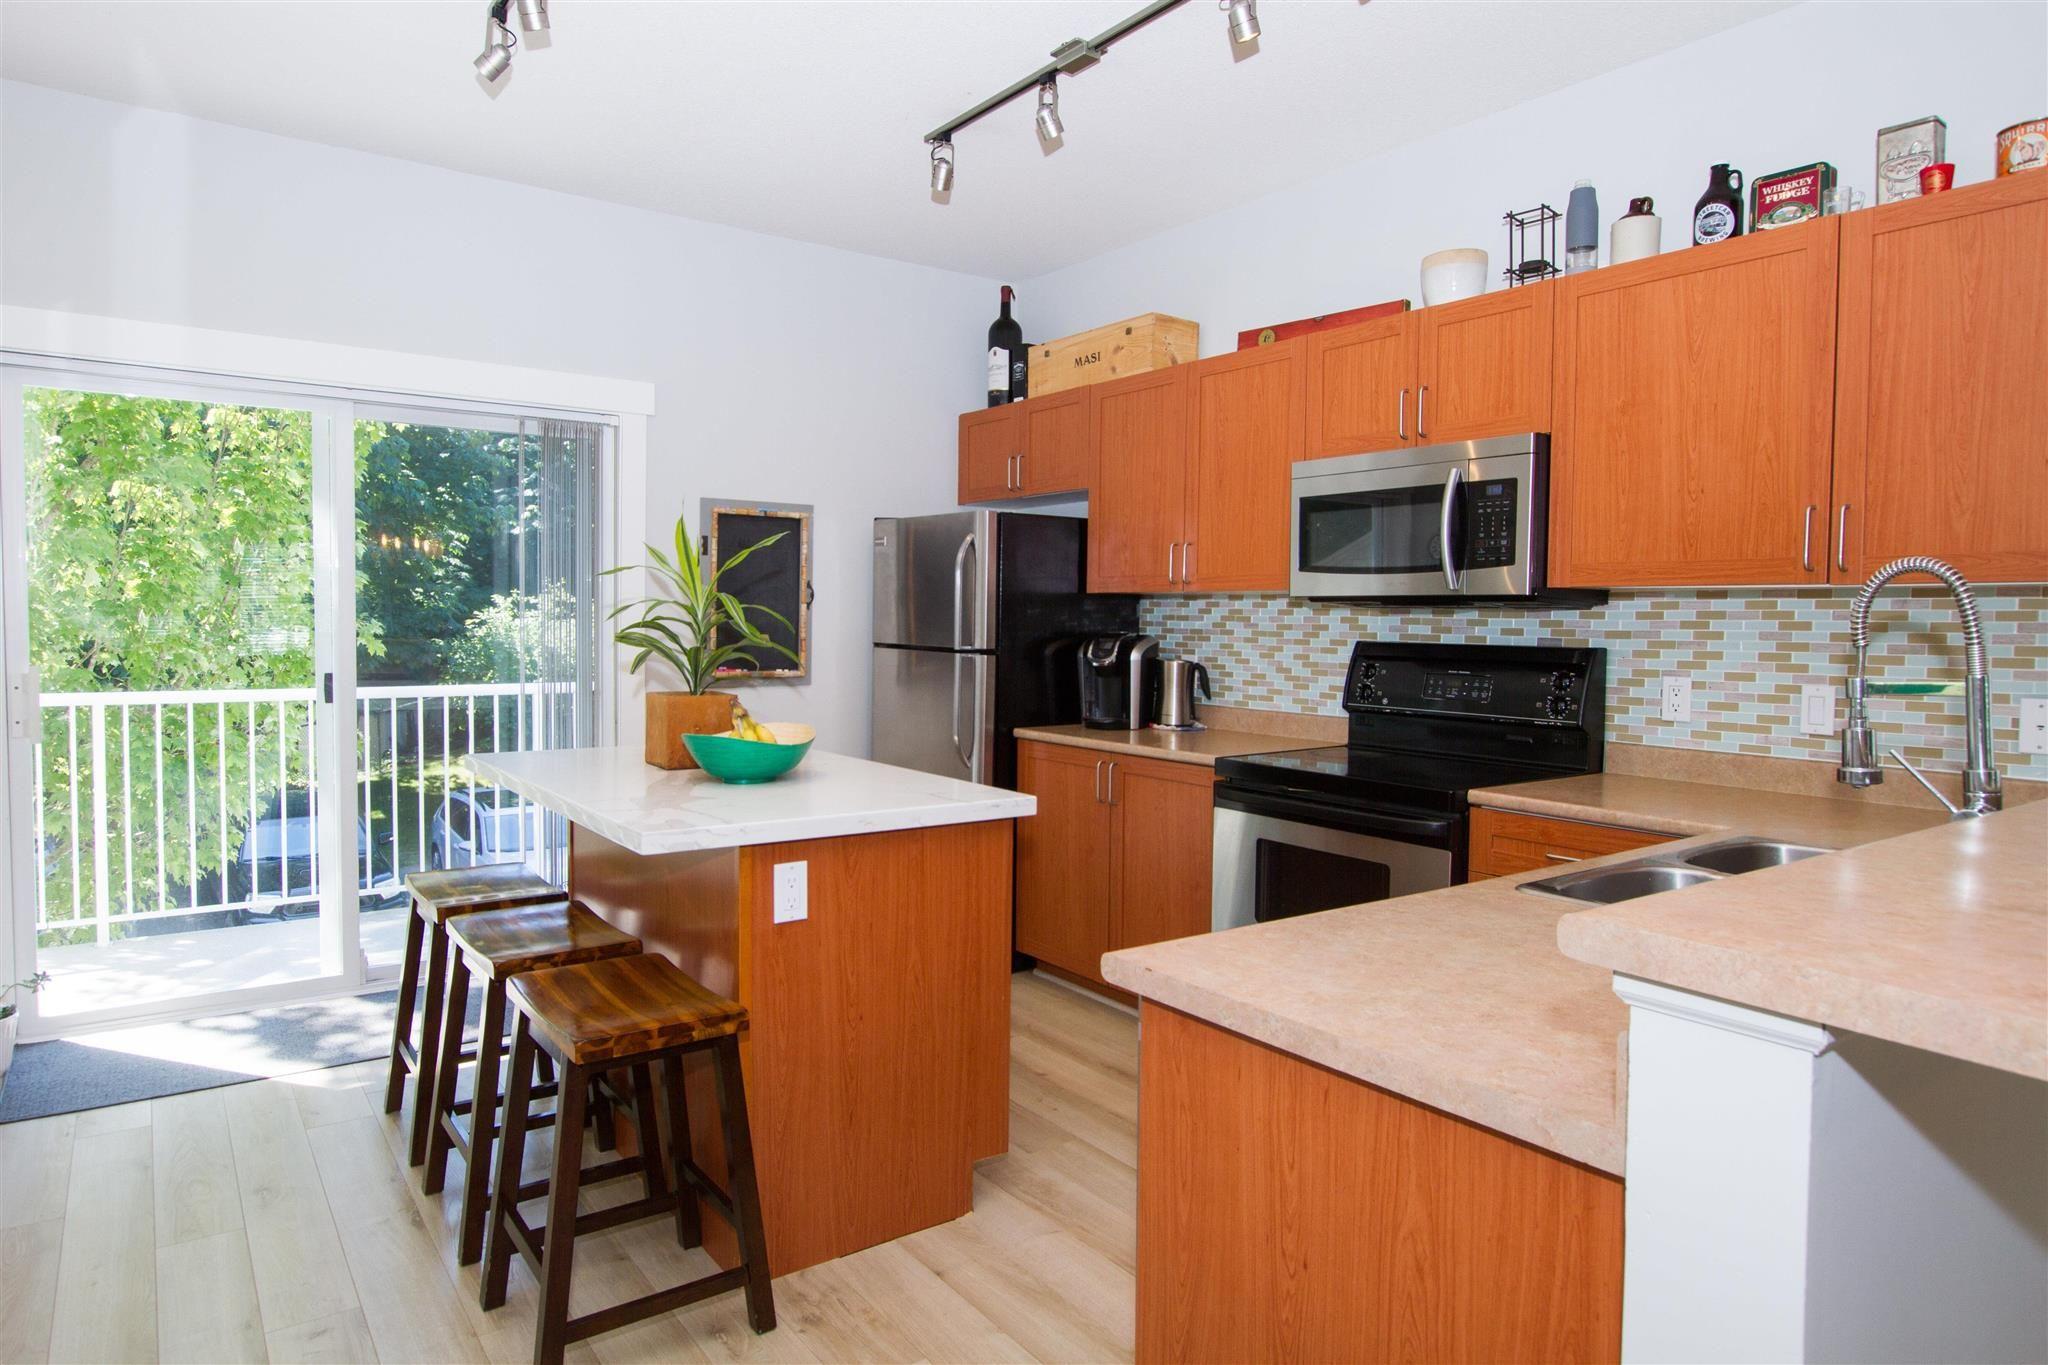 """Photo 13: Photos: 11 1800 MAMQUAM Road in Squamish: Garibaldi Estates Townhouse for sale in """"Virescence"""" : MLS®# R2597844"""